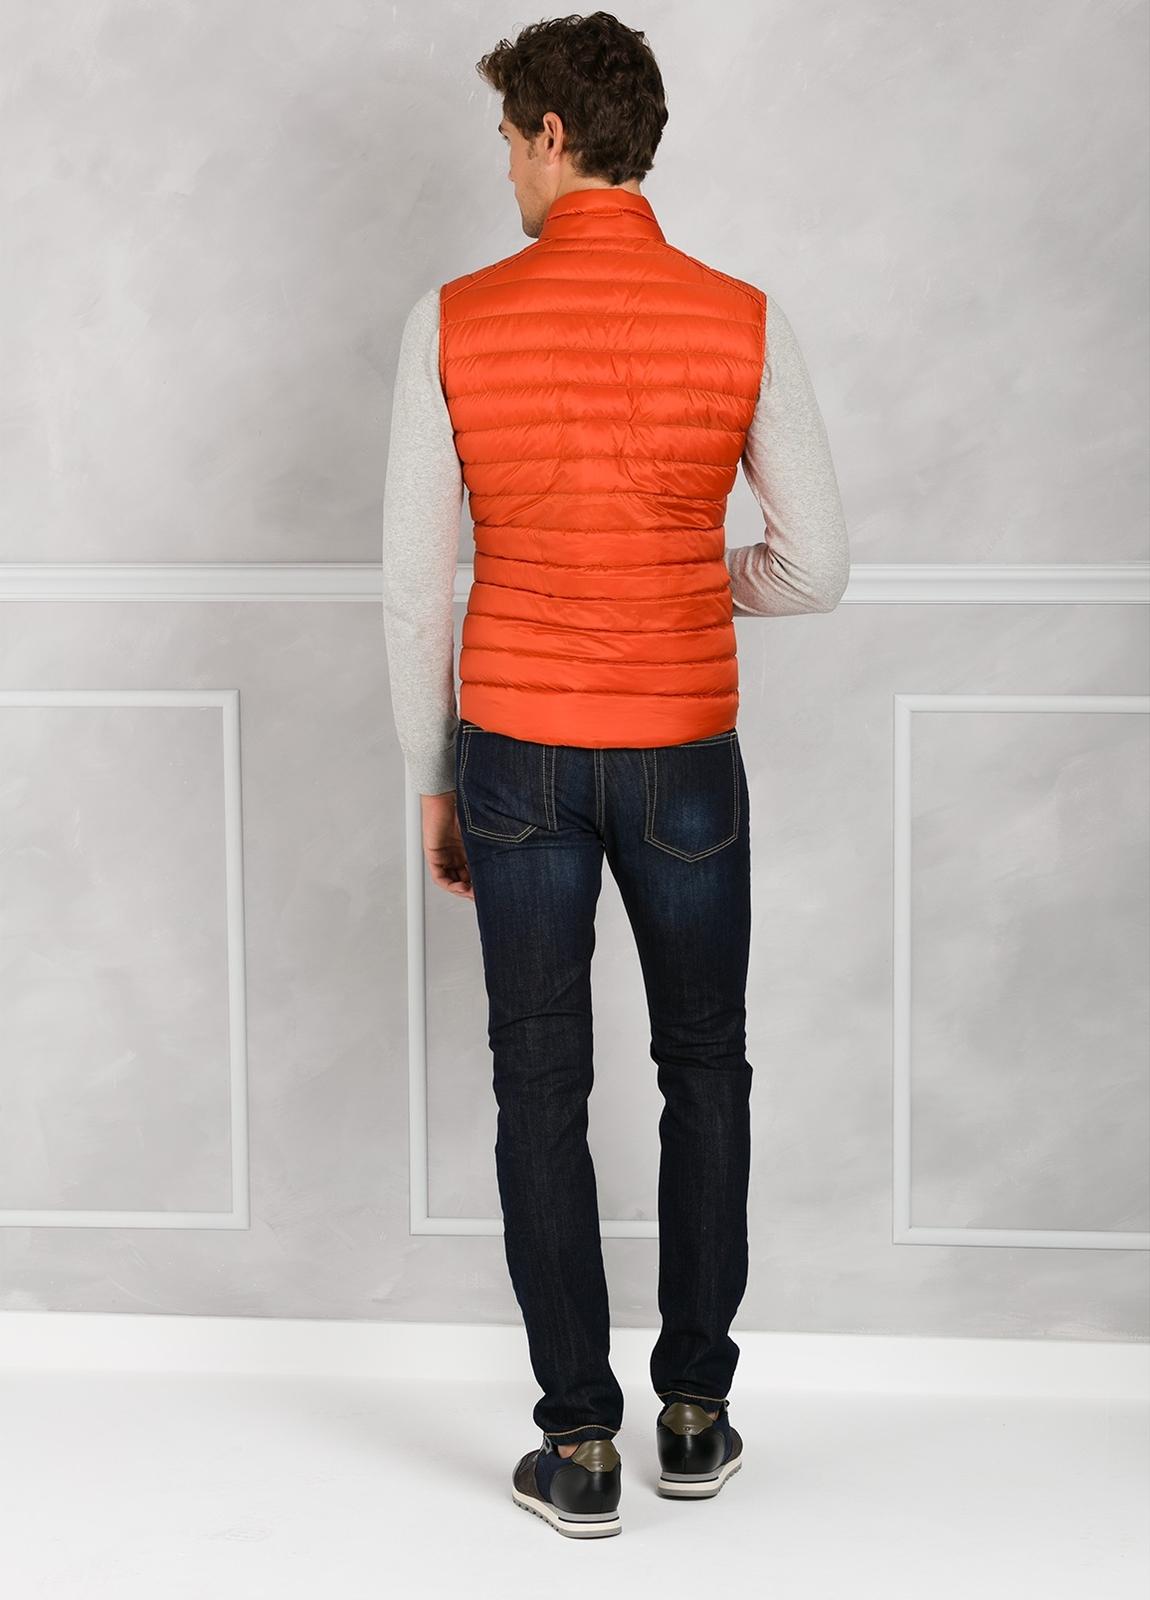 Chaleco modelo CARANCHO, color naranja. Tejido técnico. - Ítem2